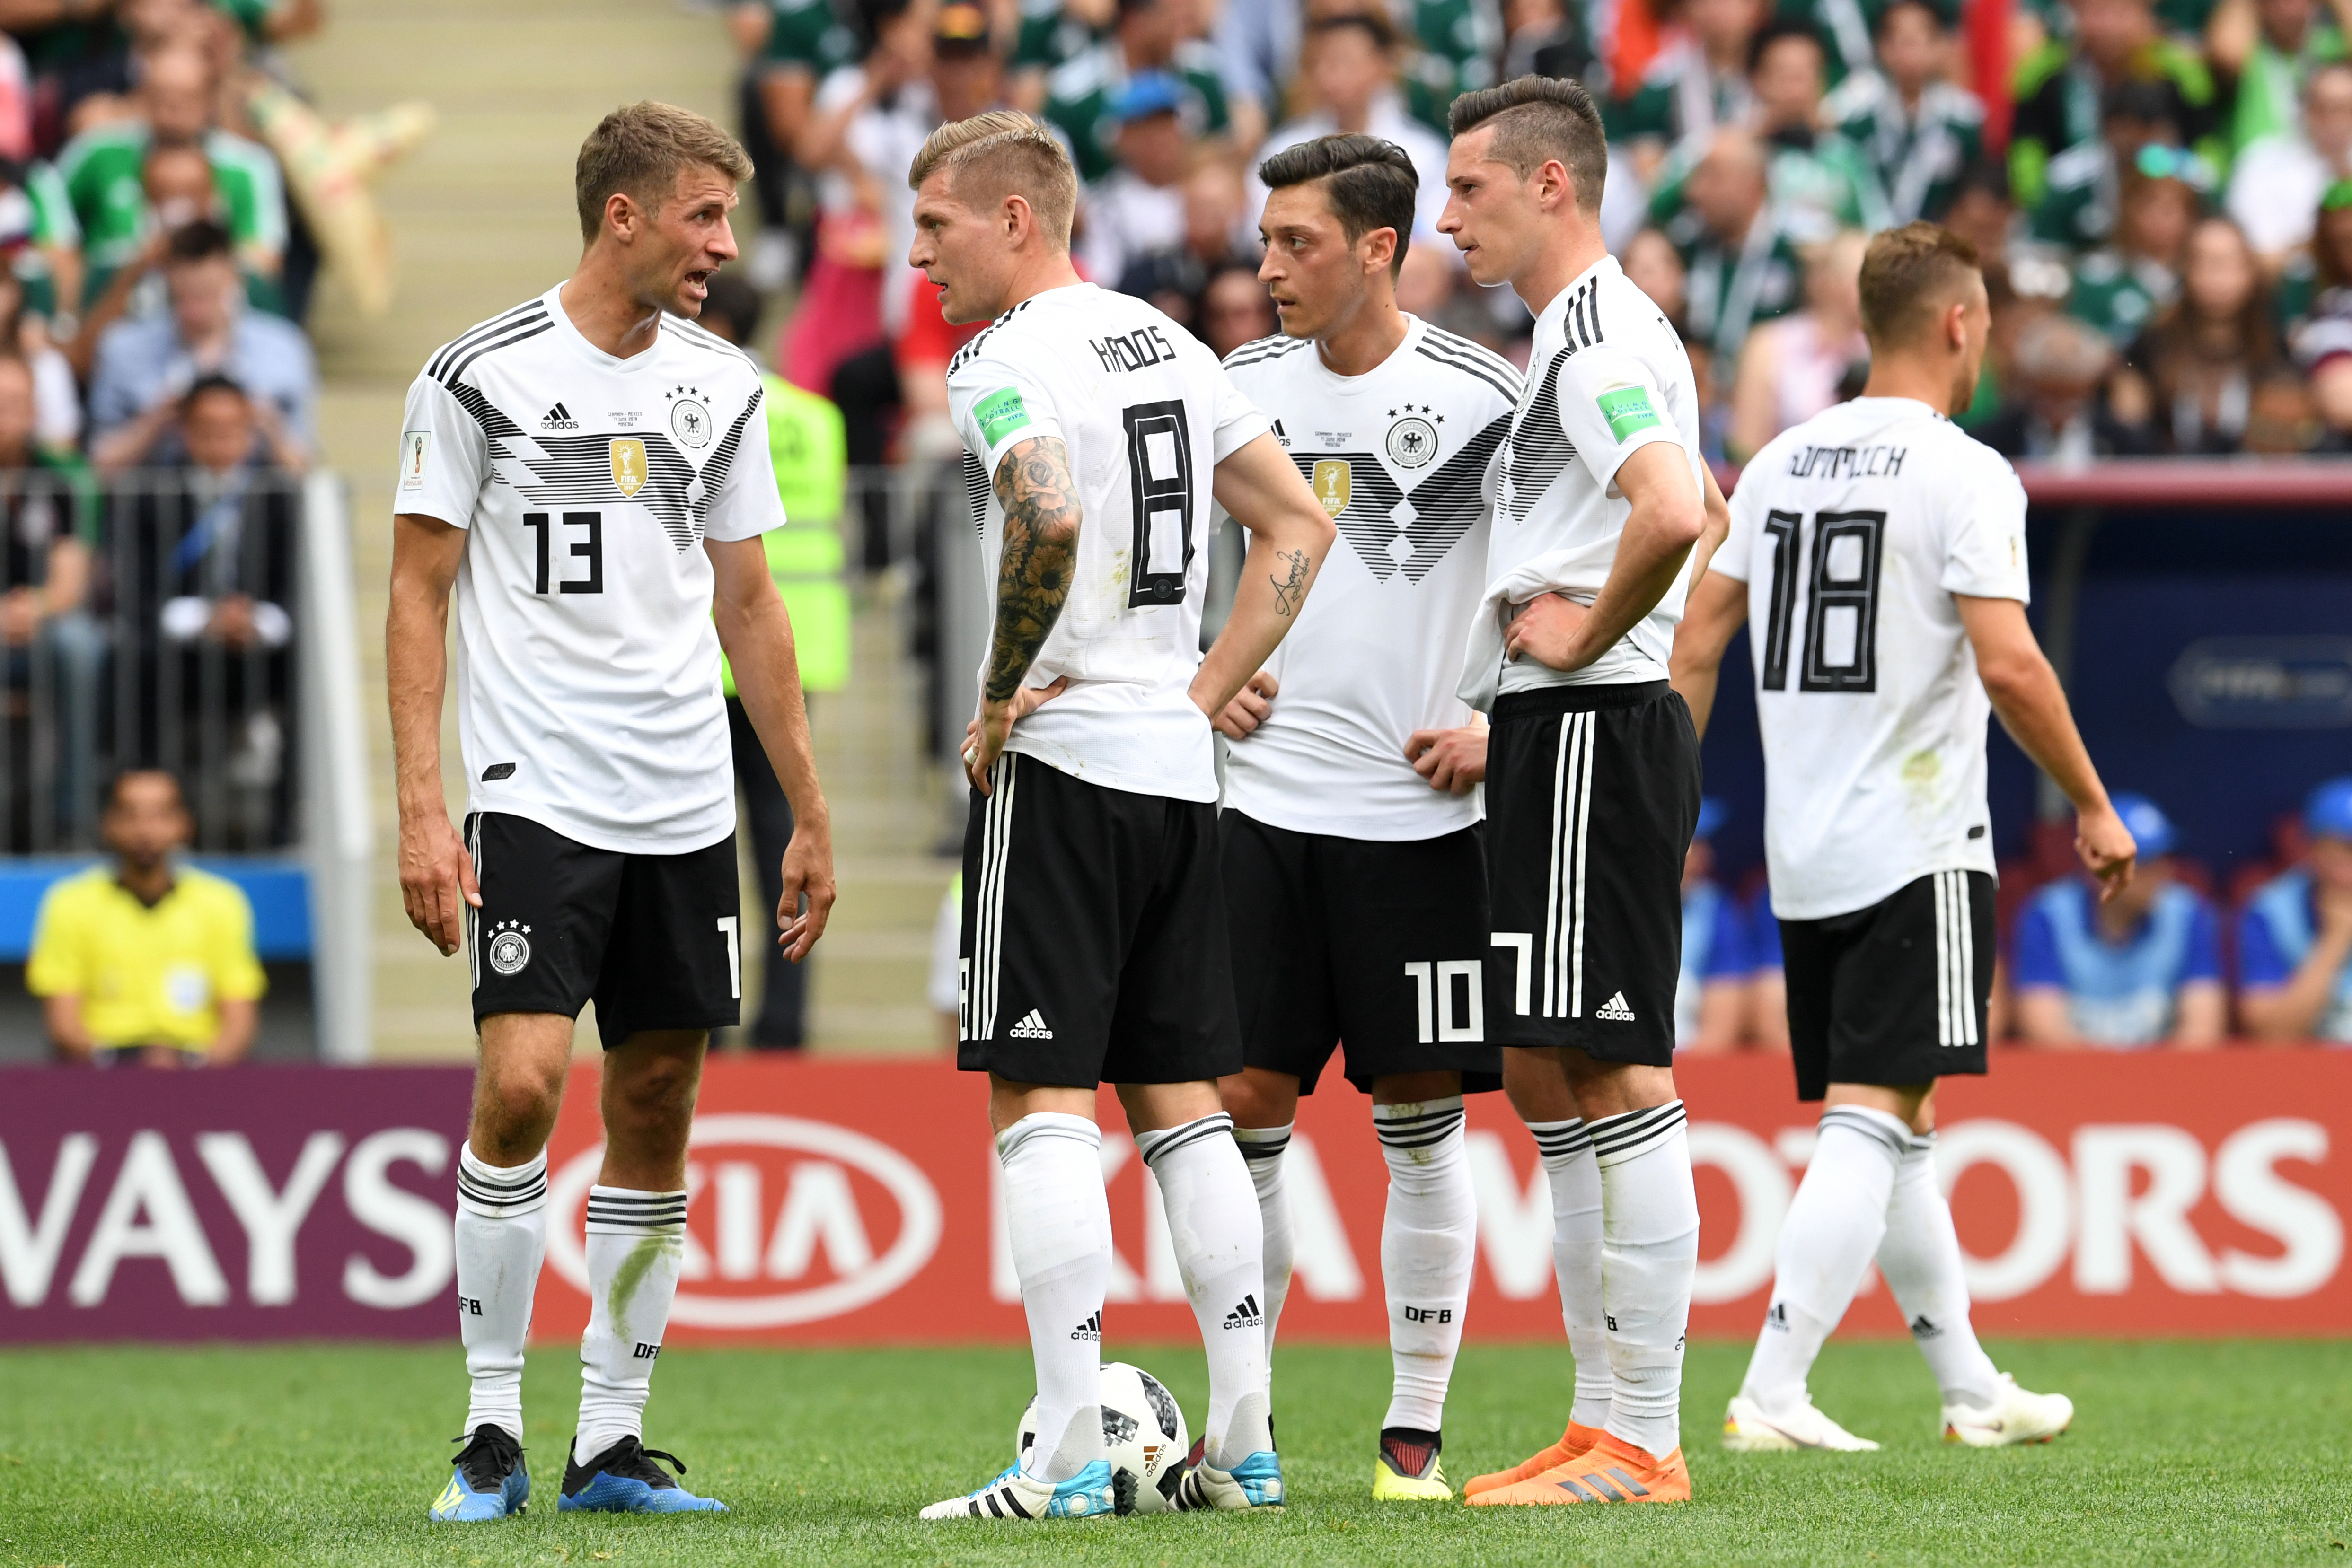 Toivonen affole l'Allemagne d'un enchaînement somptueux (vidéo)